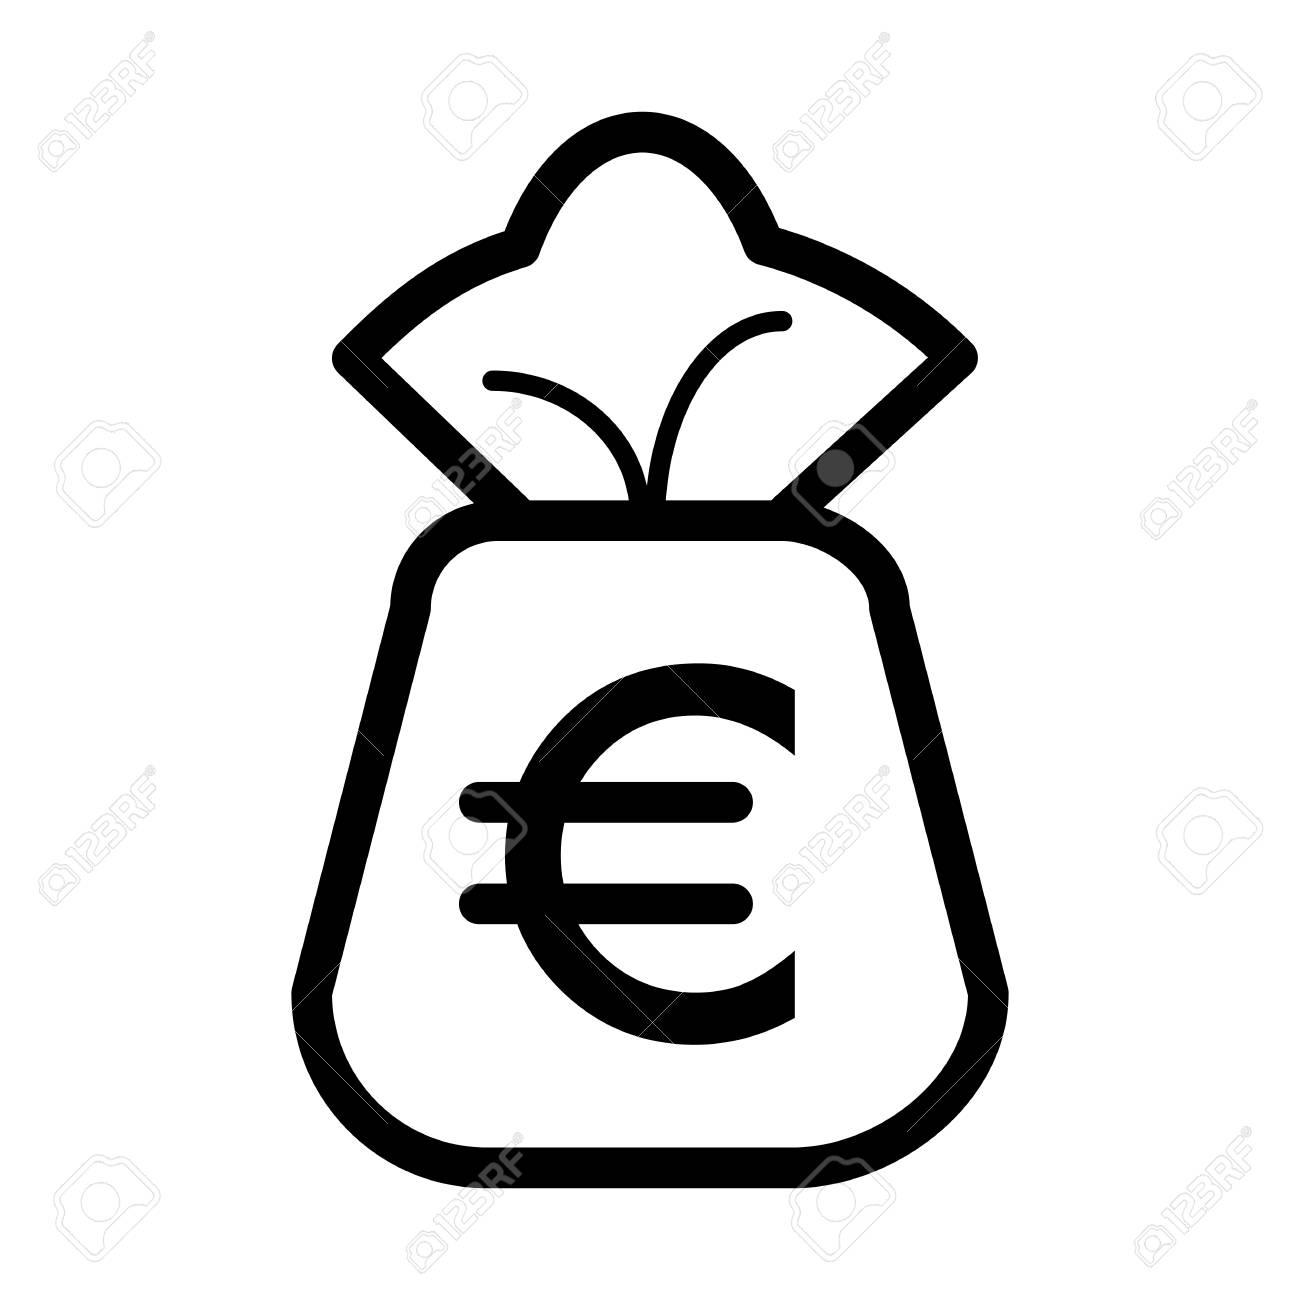 money bag vector icon royalty free cliparts vectors and stock rh 123rf com money bag emoji vector money bag vector icon